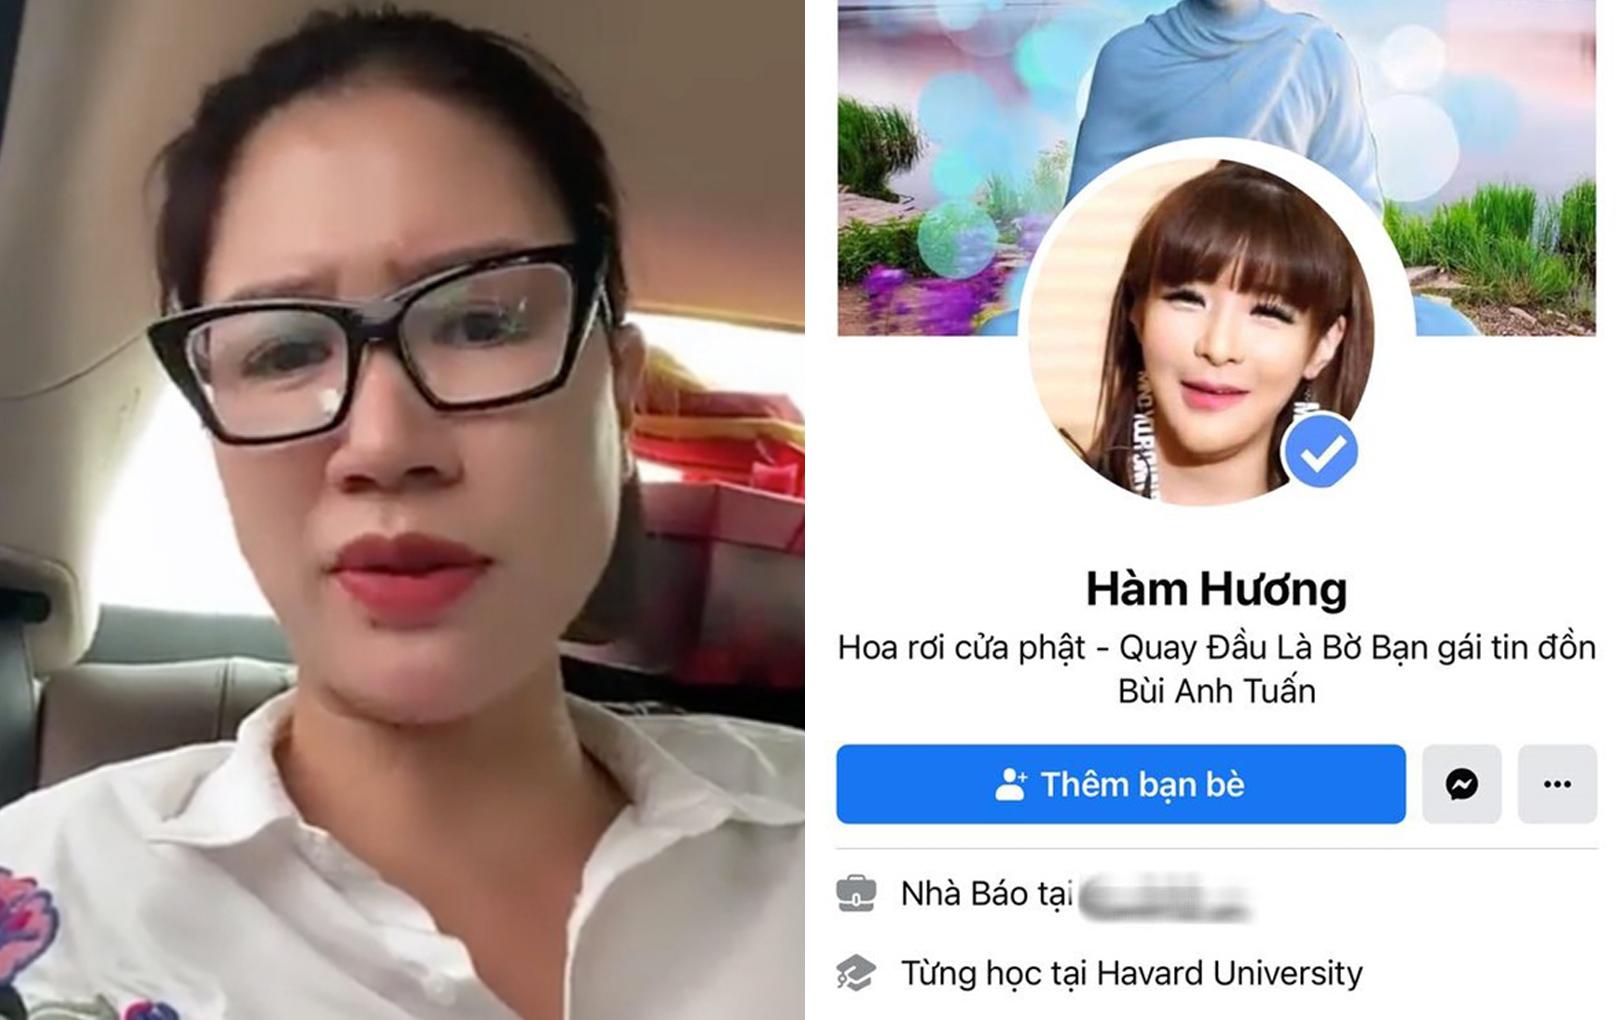 """""""Thánh comment dạo"""" Hương Hàm bất ngờ tố Trang Trần thuê người đóng giả để quay video """"ra oai"""""""